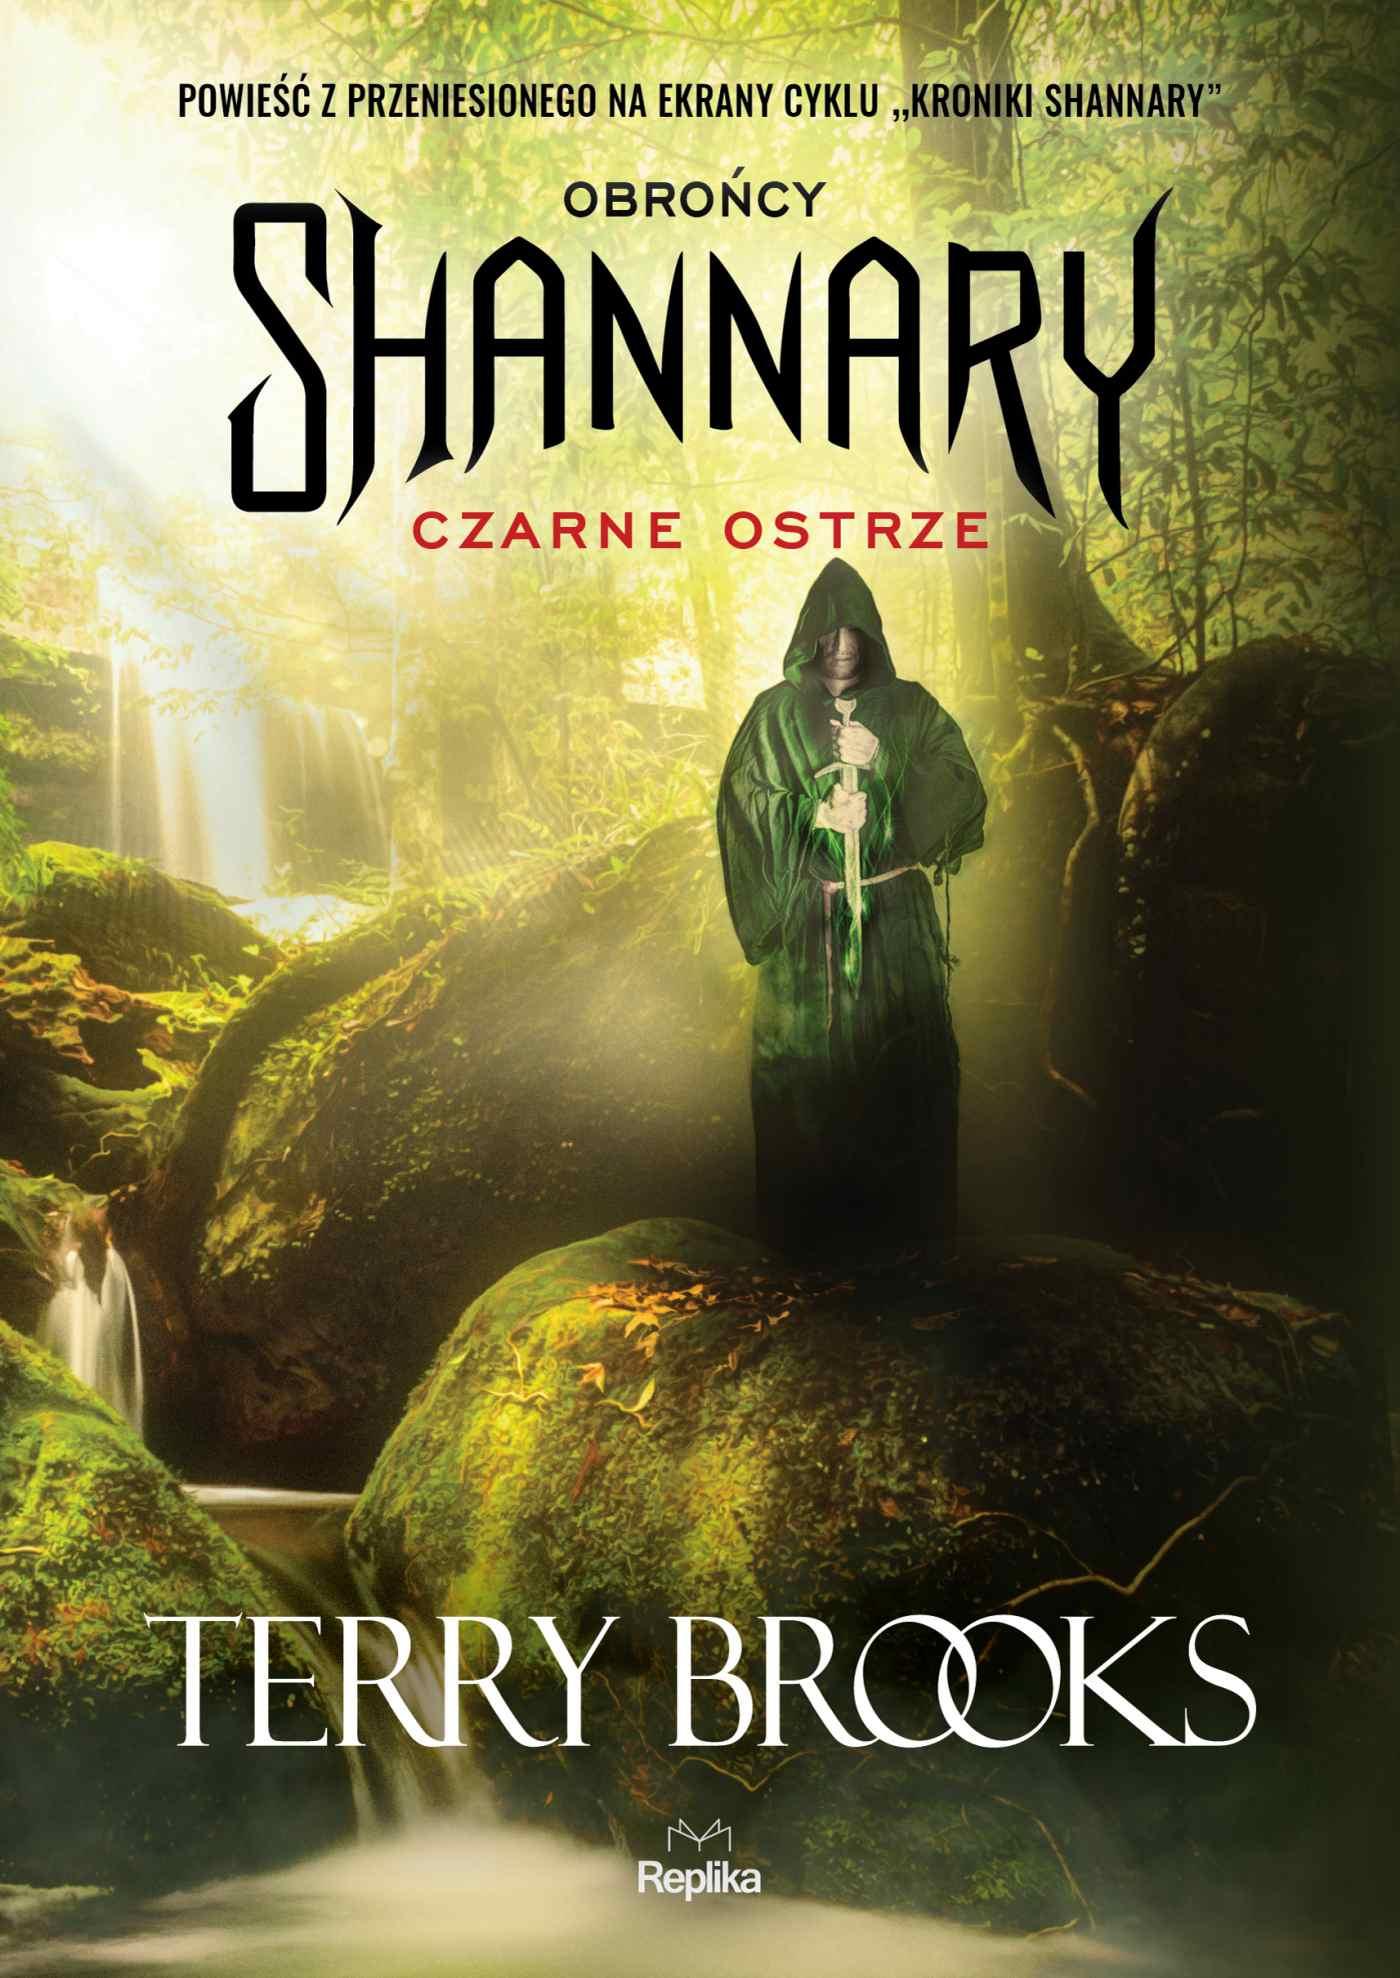 Obrońcy Shannary. Czarne ostrze - Ebook (Książka EPUB) do pobrania w formacie EPUB